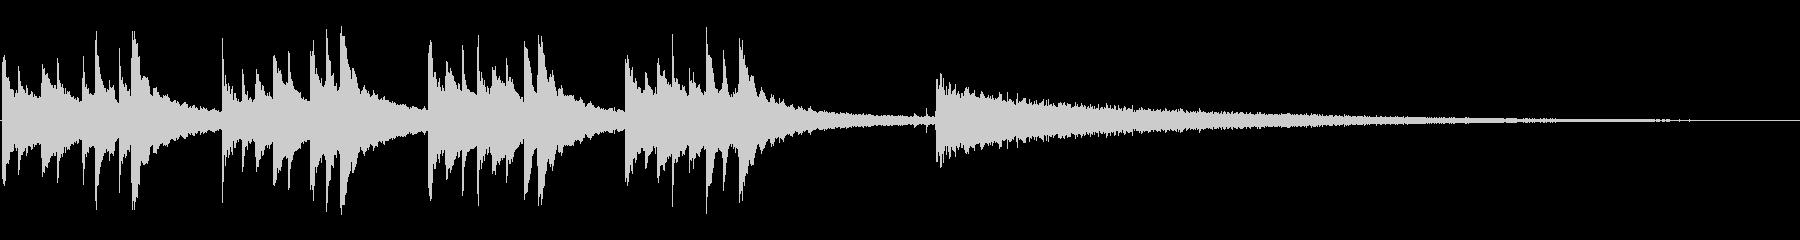 英国の音楽時計:チャイムとストライ...の未再生の波形